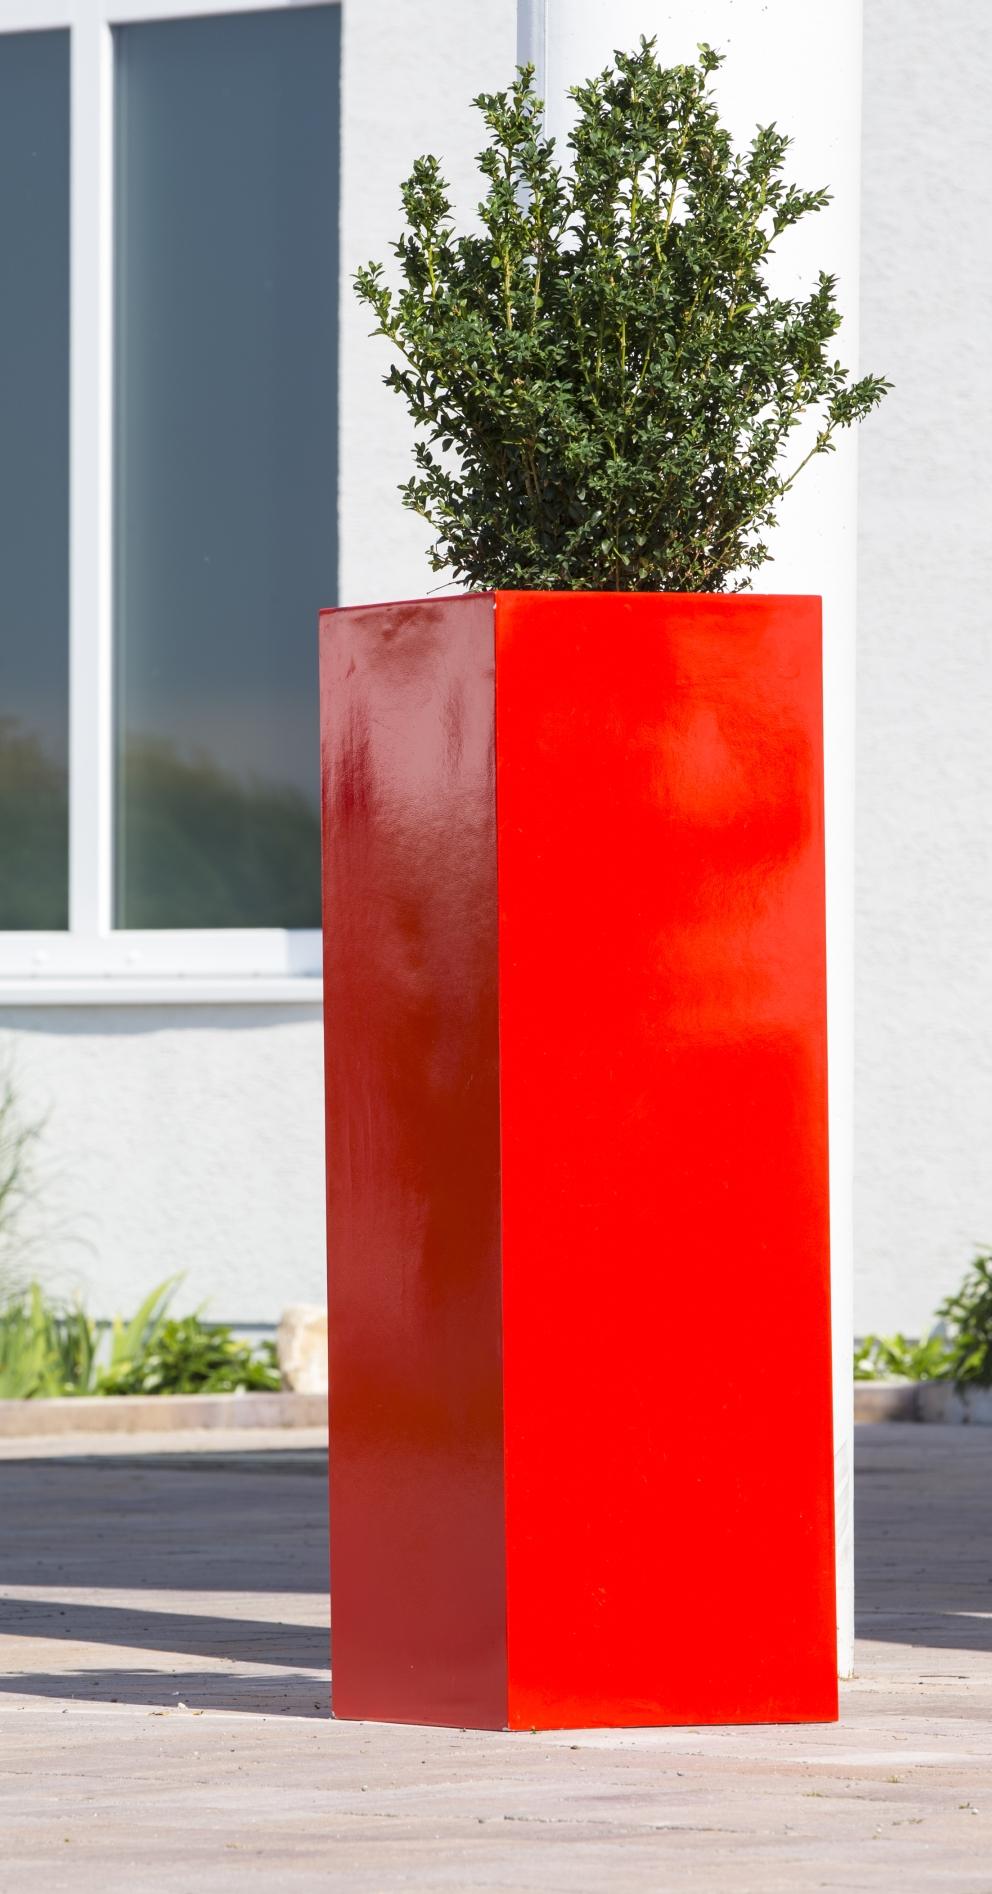 Großartig Ral Farben Rot Galerie Von Florum - Leichtes Pflanzgefäß Aus Fiberglas-kunststoff, In